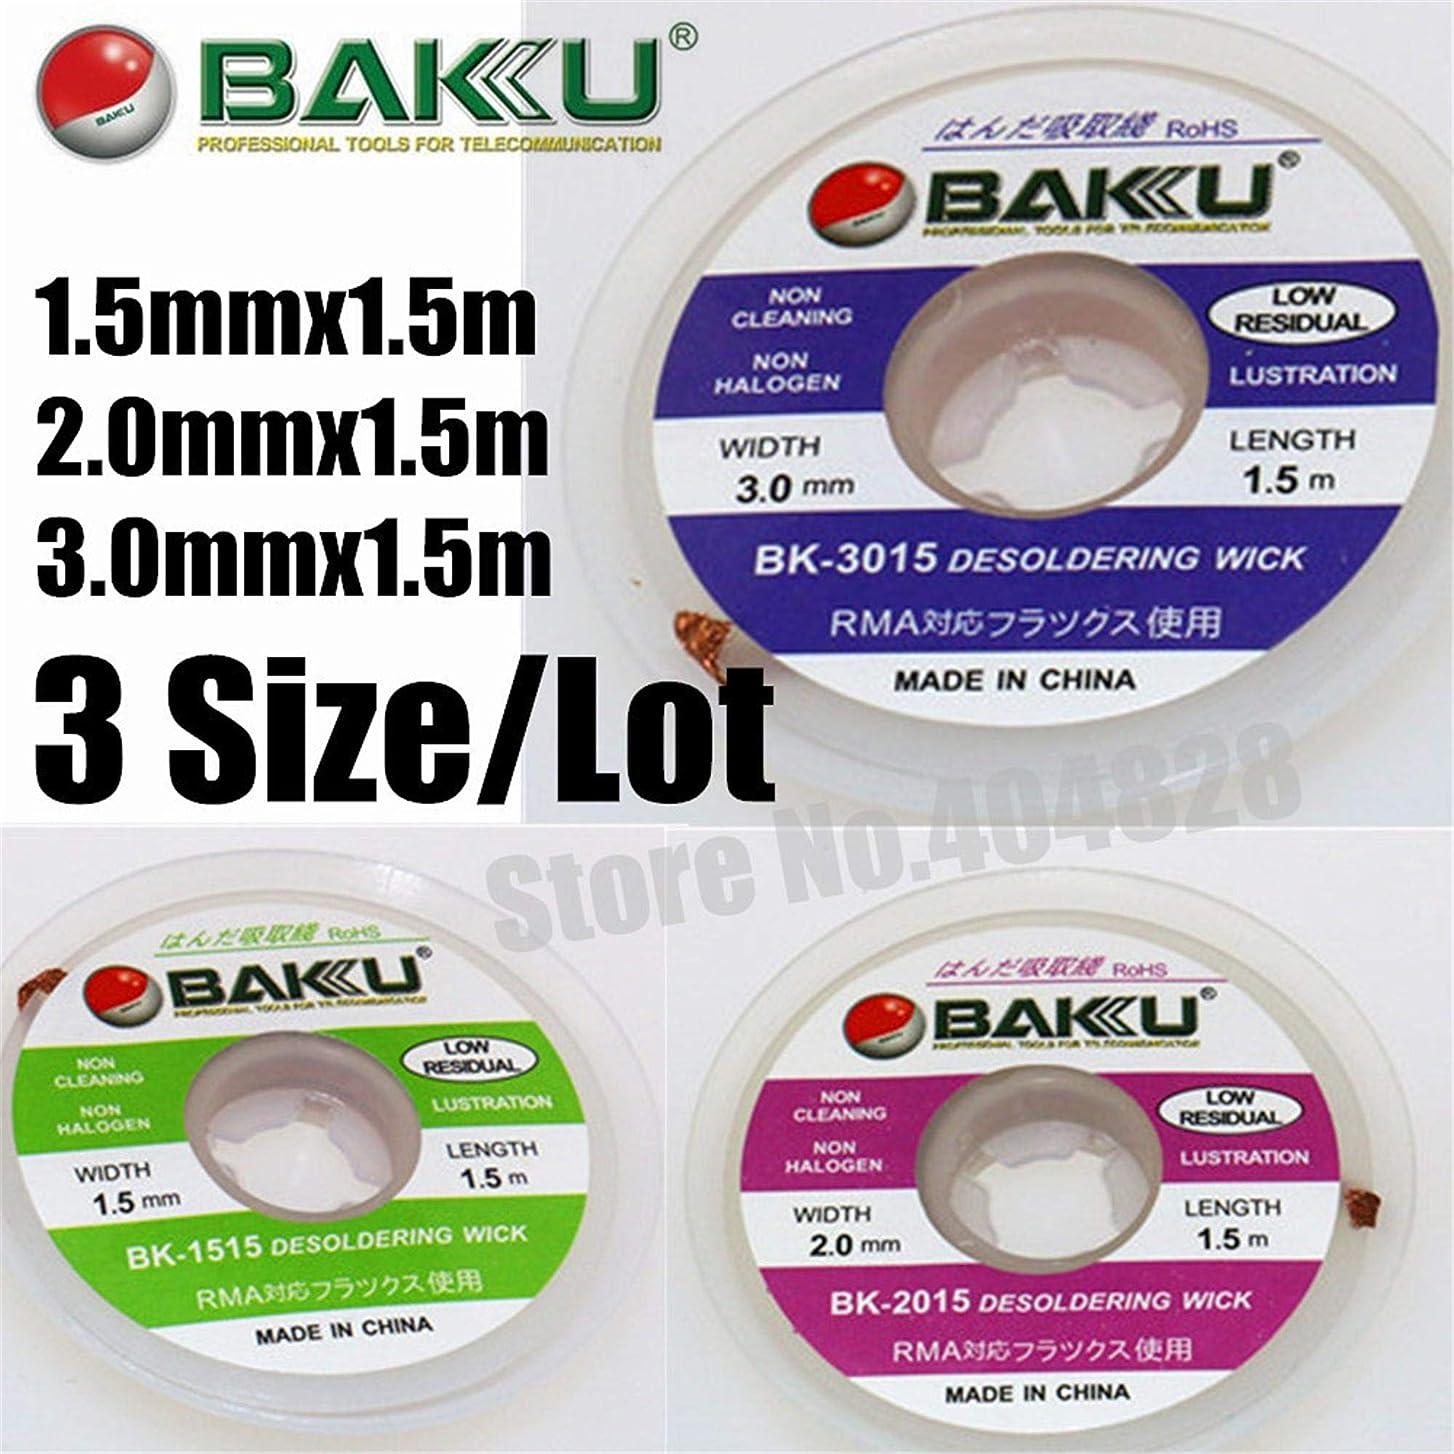 信じられない学士どんなときも(3サイズ/ロット)(1.5/2.0/3.0mmx1500mm)はんだ除去芯。 BAKU BK-1515 / BK-2015 / BK-3015